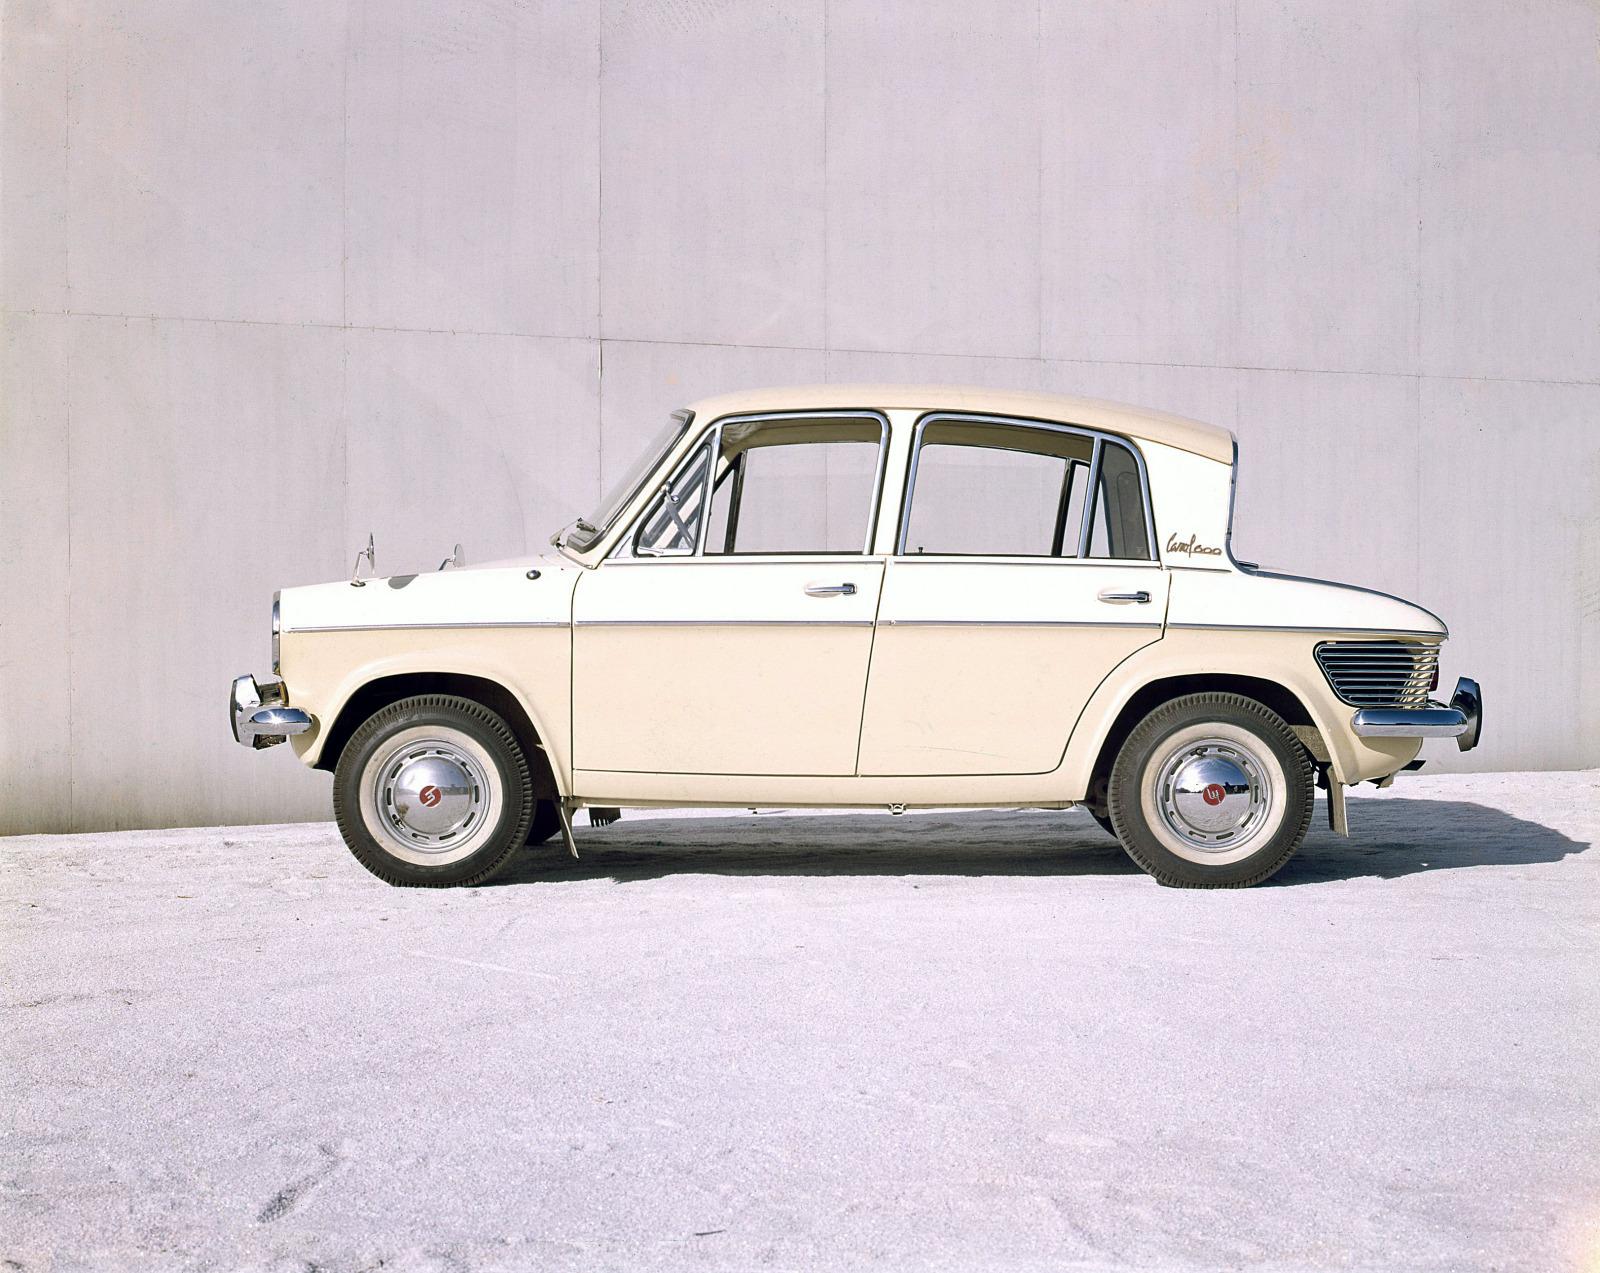 「マツダ初の乗用車「R360」と「キャロル」【マツダ100年史・第9回・第3章 その2】」の13枚目の画像